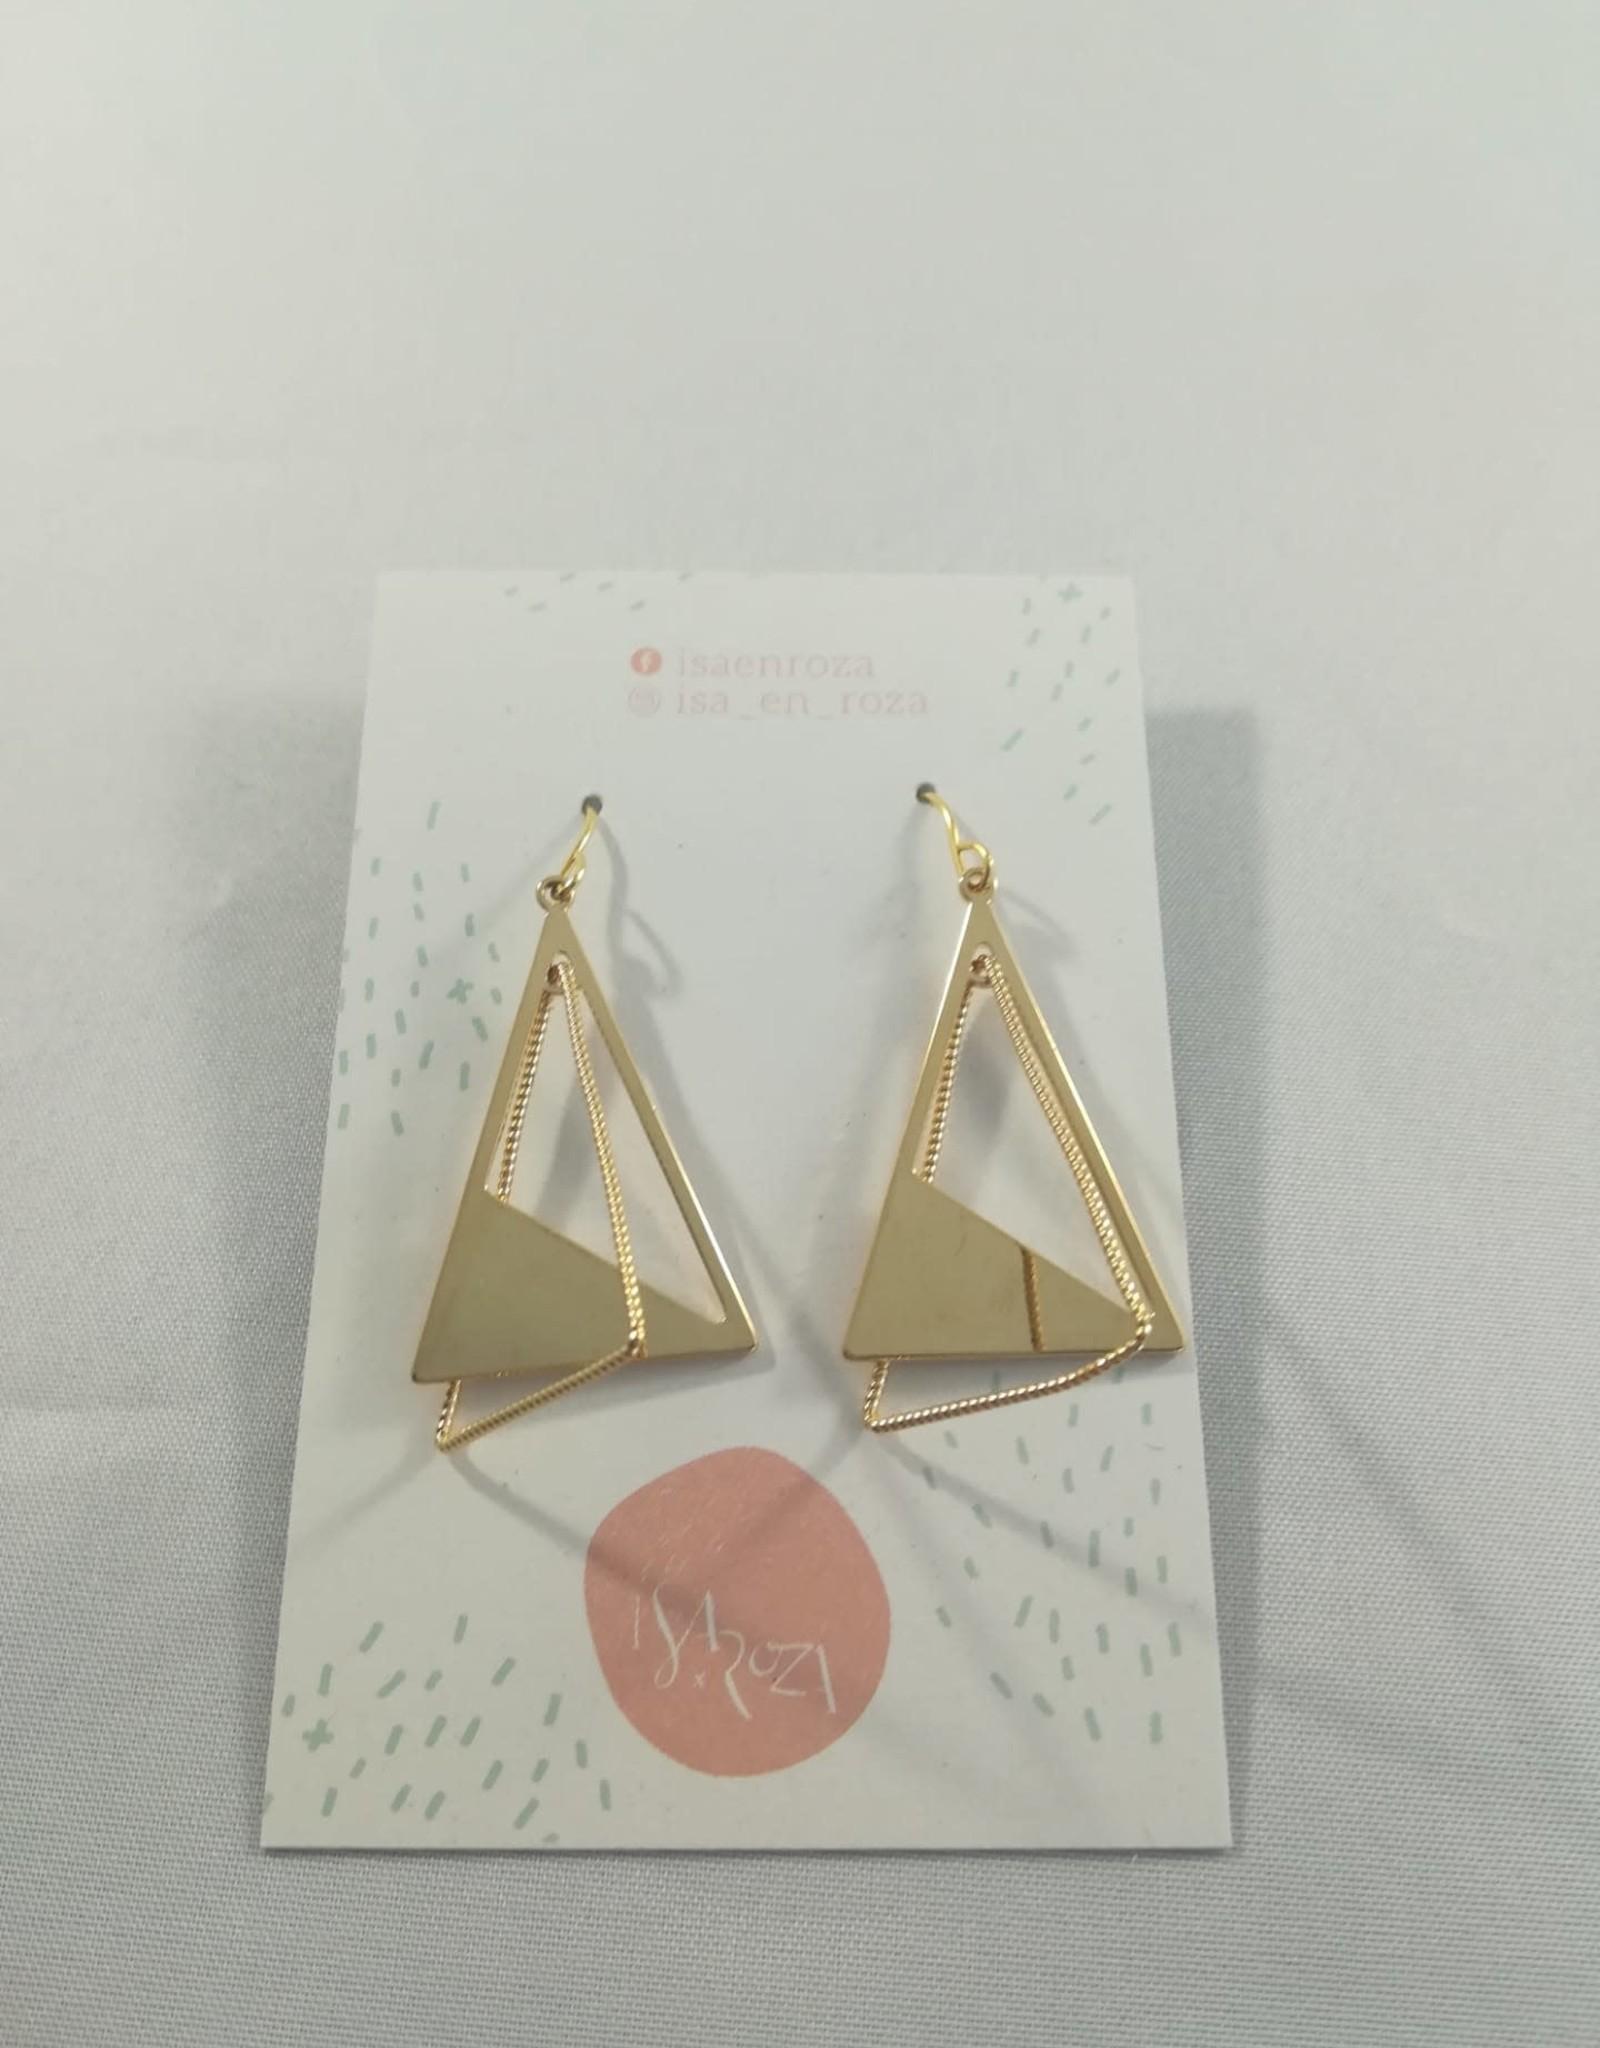 Isa en Roza Isa en Roza 071 hangers goudkleurig